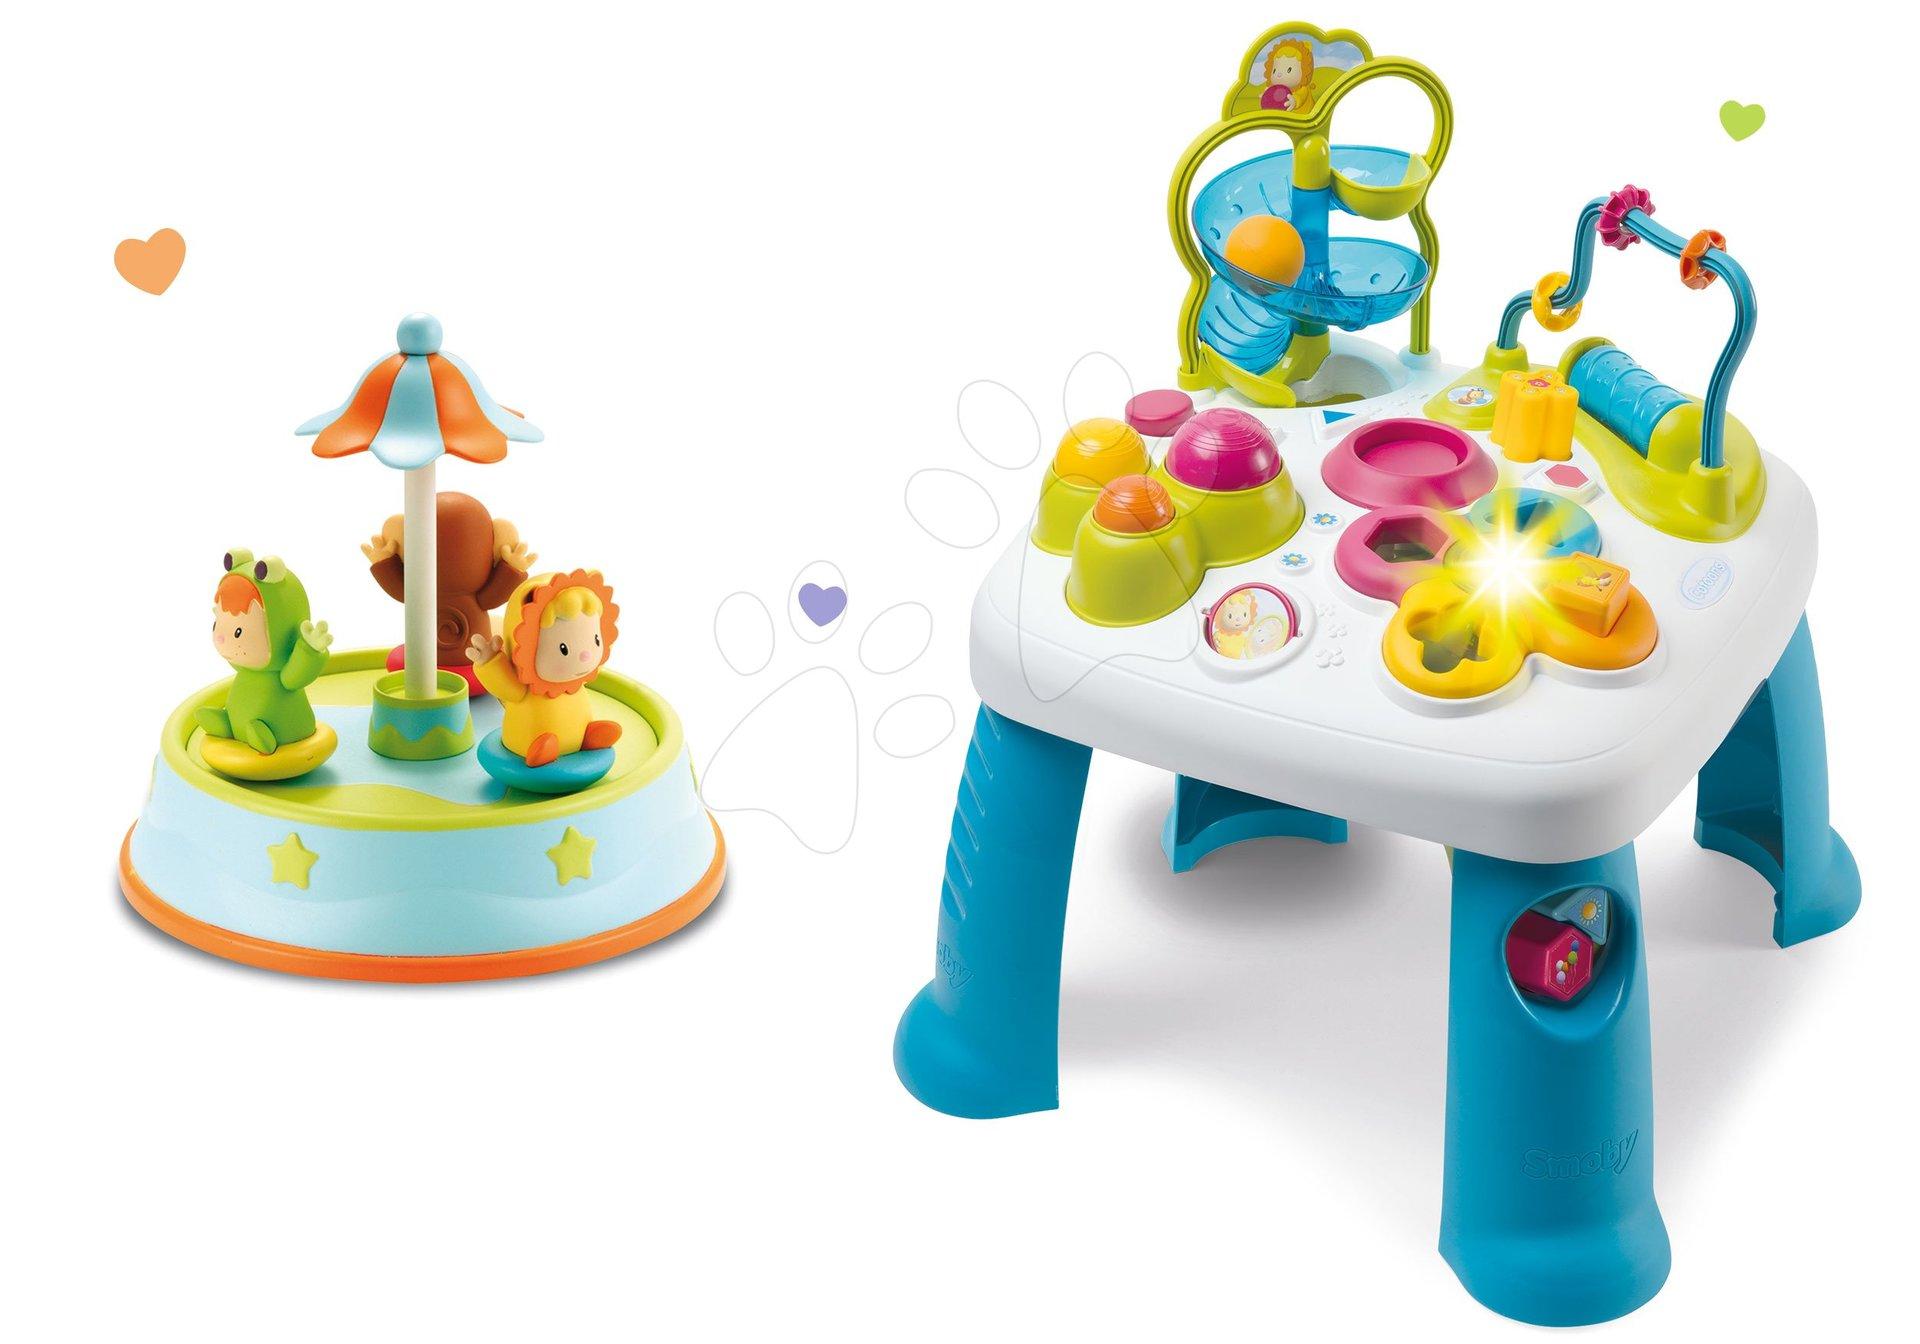 Set didaktický stolek Cotoons Smoby s funkcemi růžový, kolotoč s tančícími figurkami, melodie